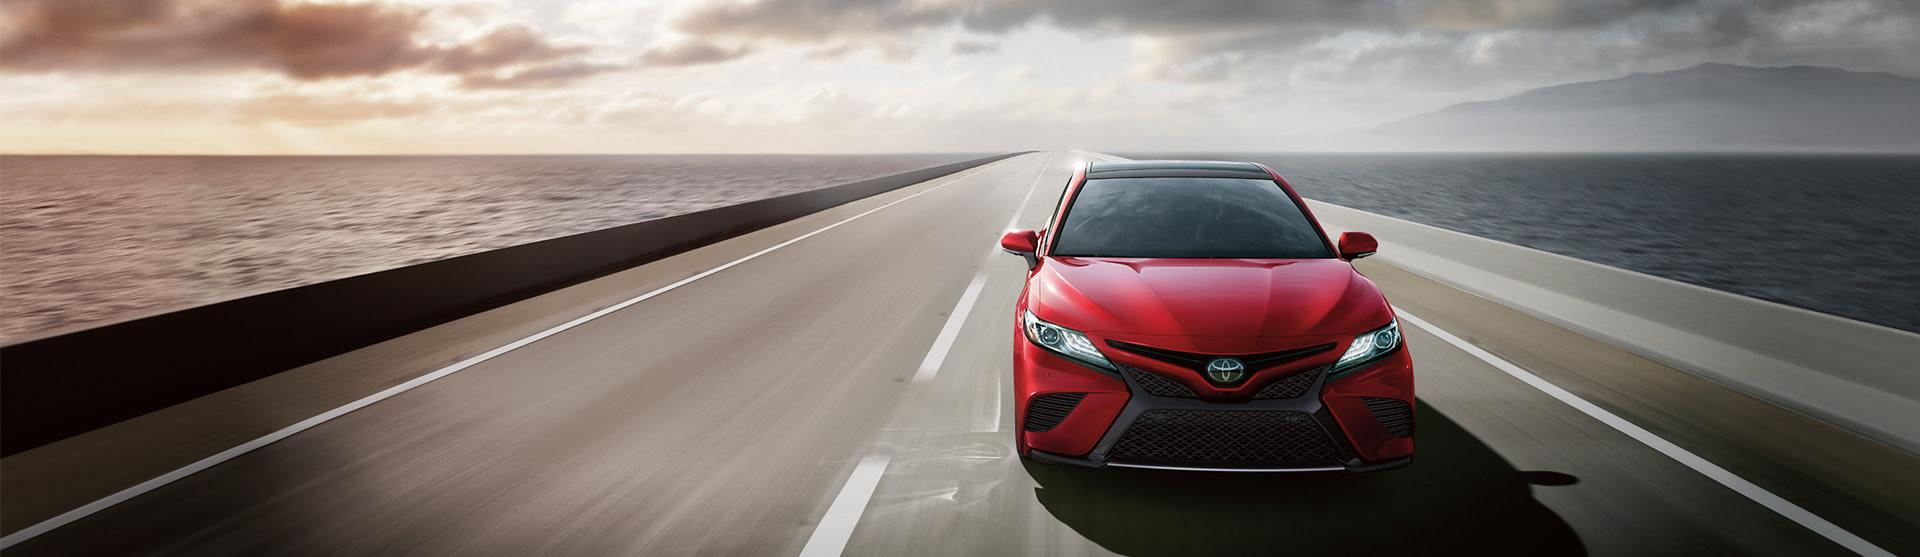 Toyota Care Plus >> Toyotacare Plus Cumberland Toyota